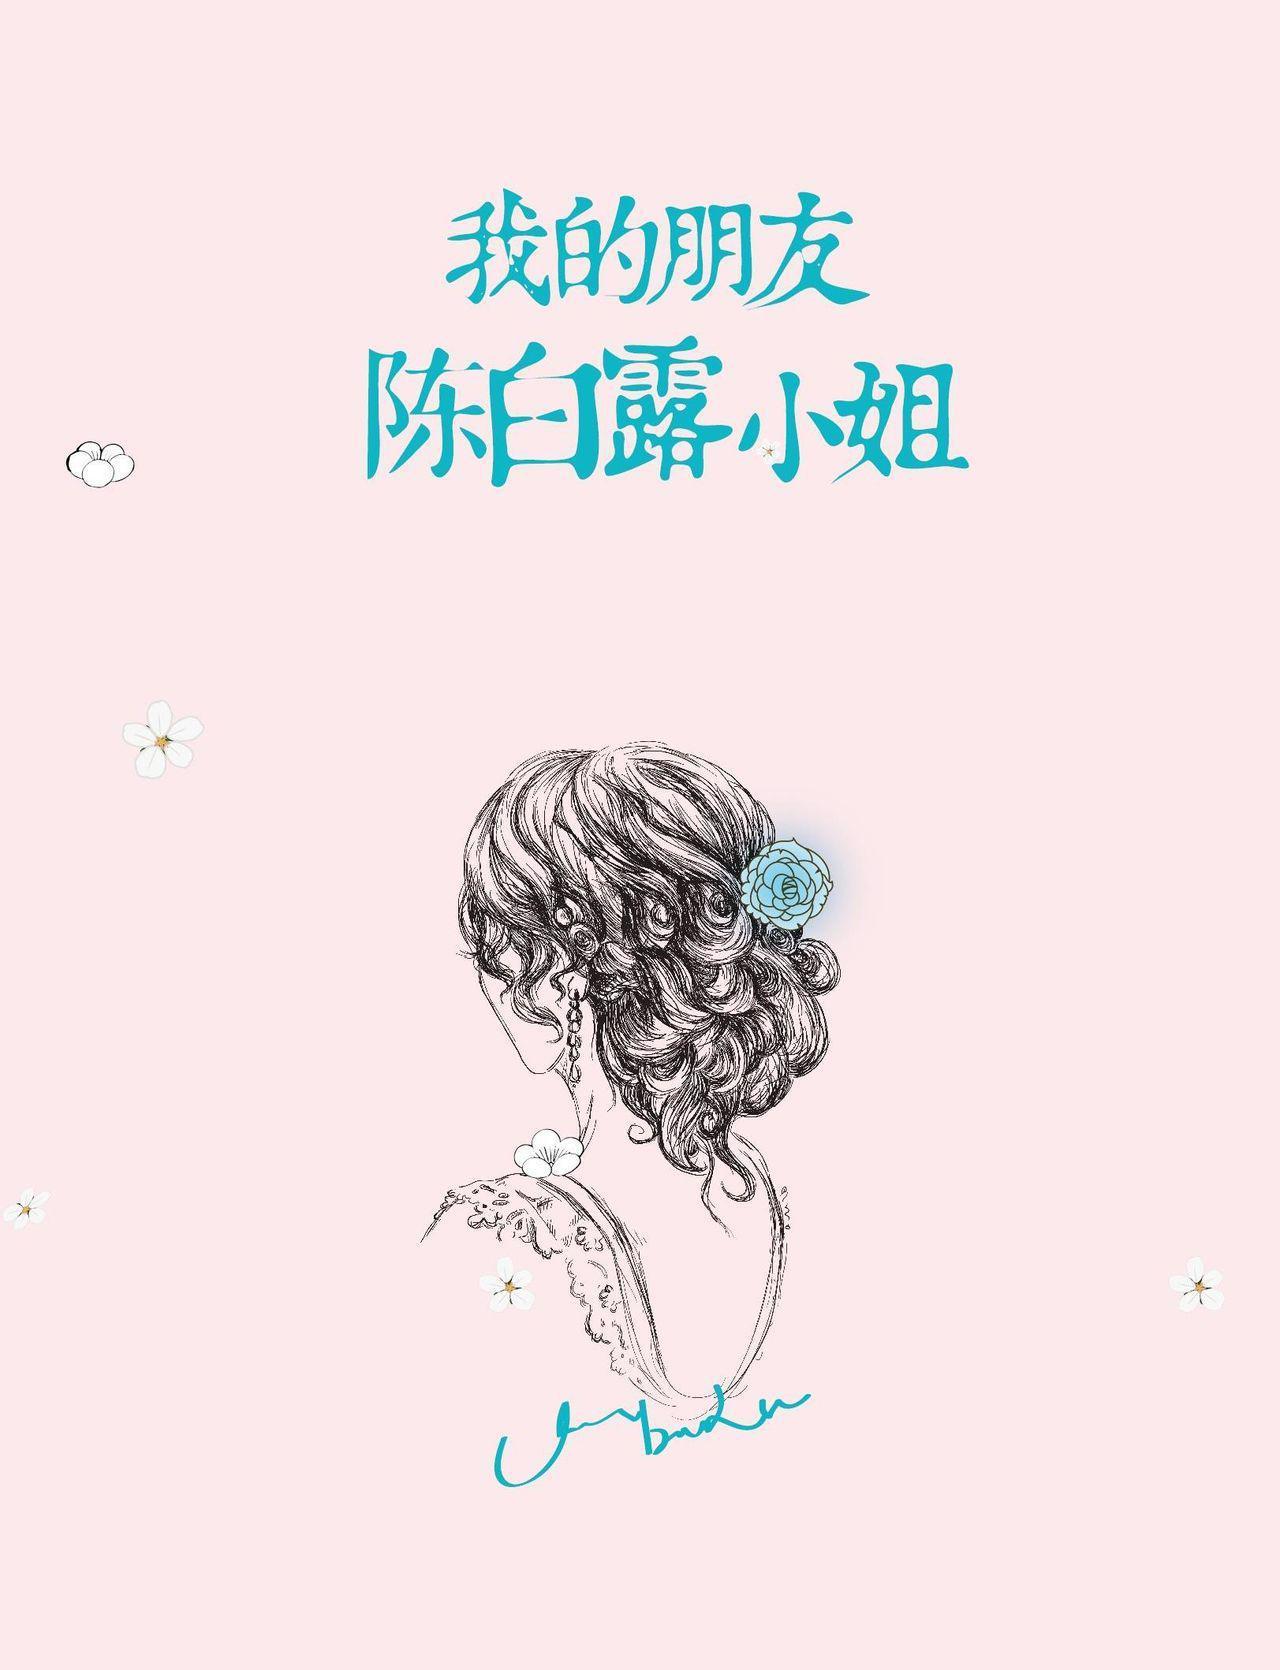 文学 海棠